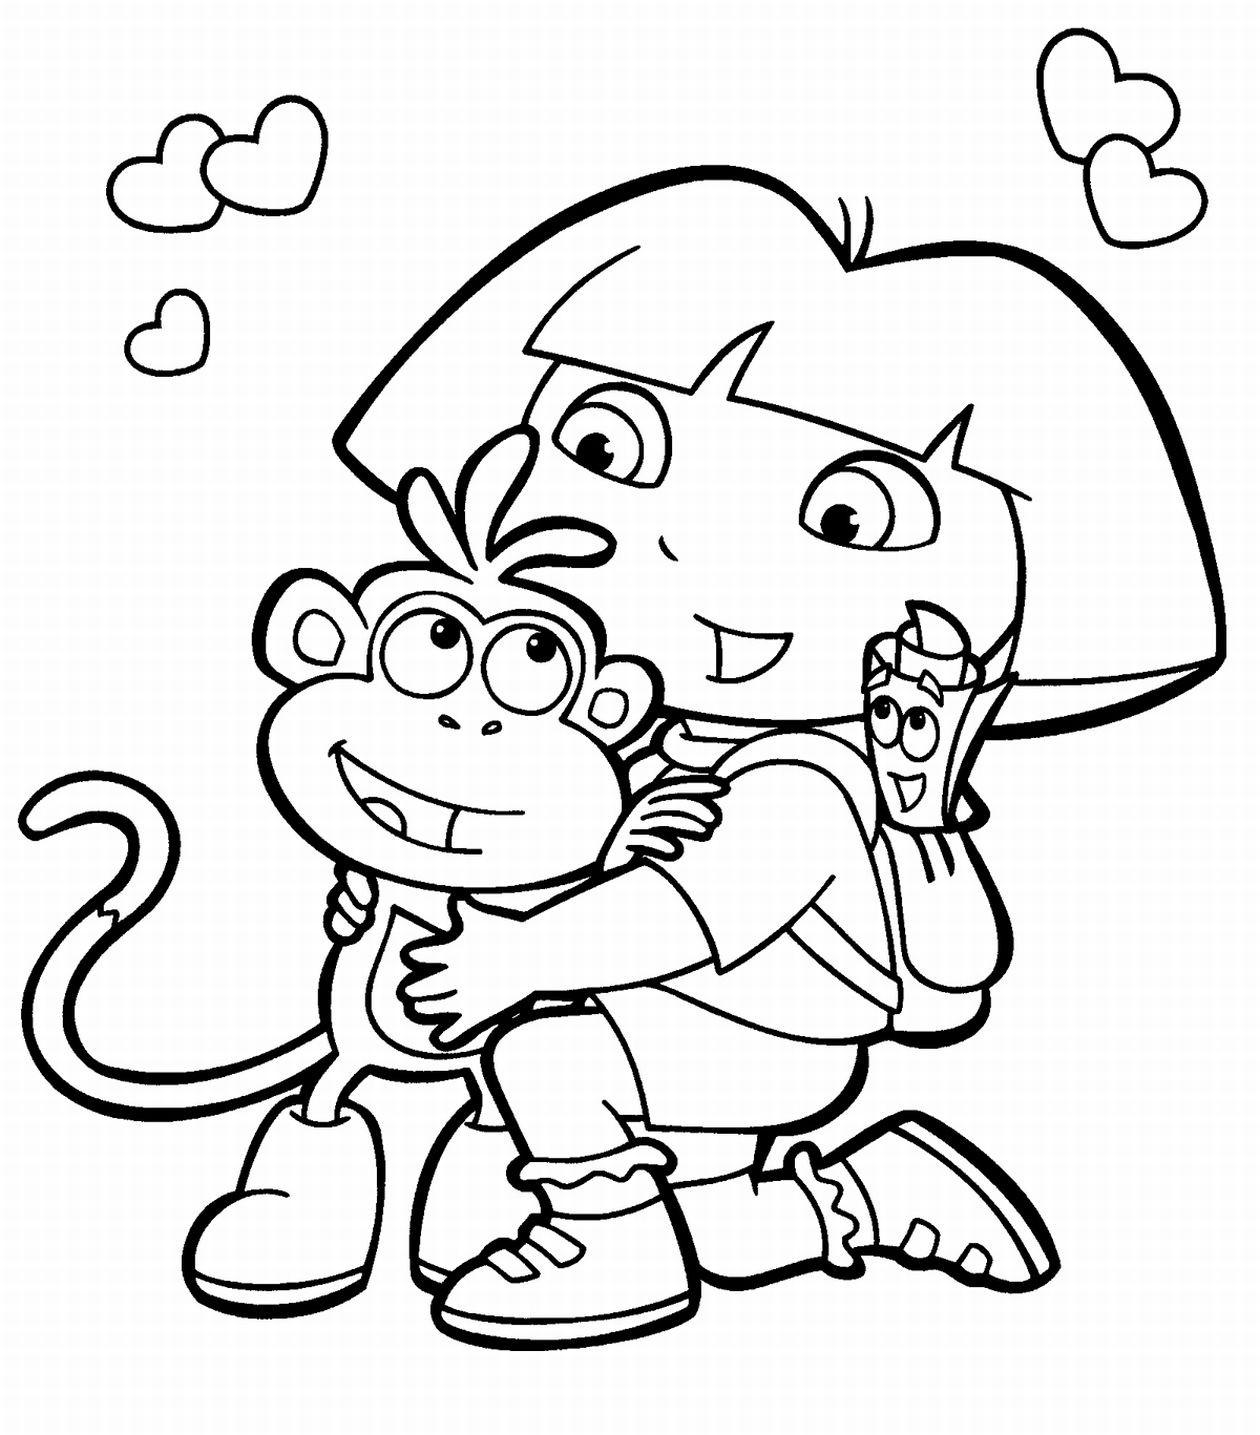 Tranh tô màu bạn gái và chú khỉ